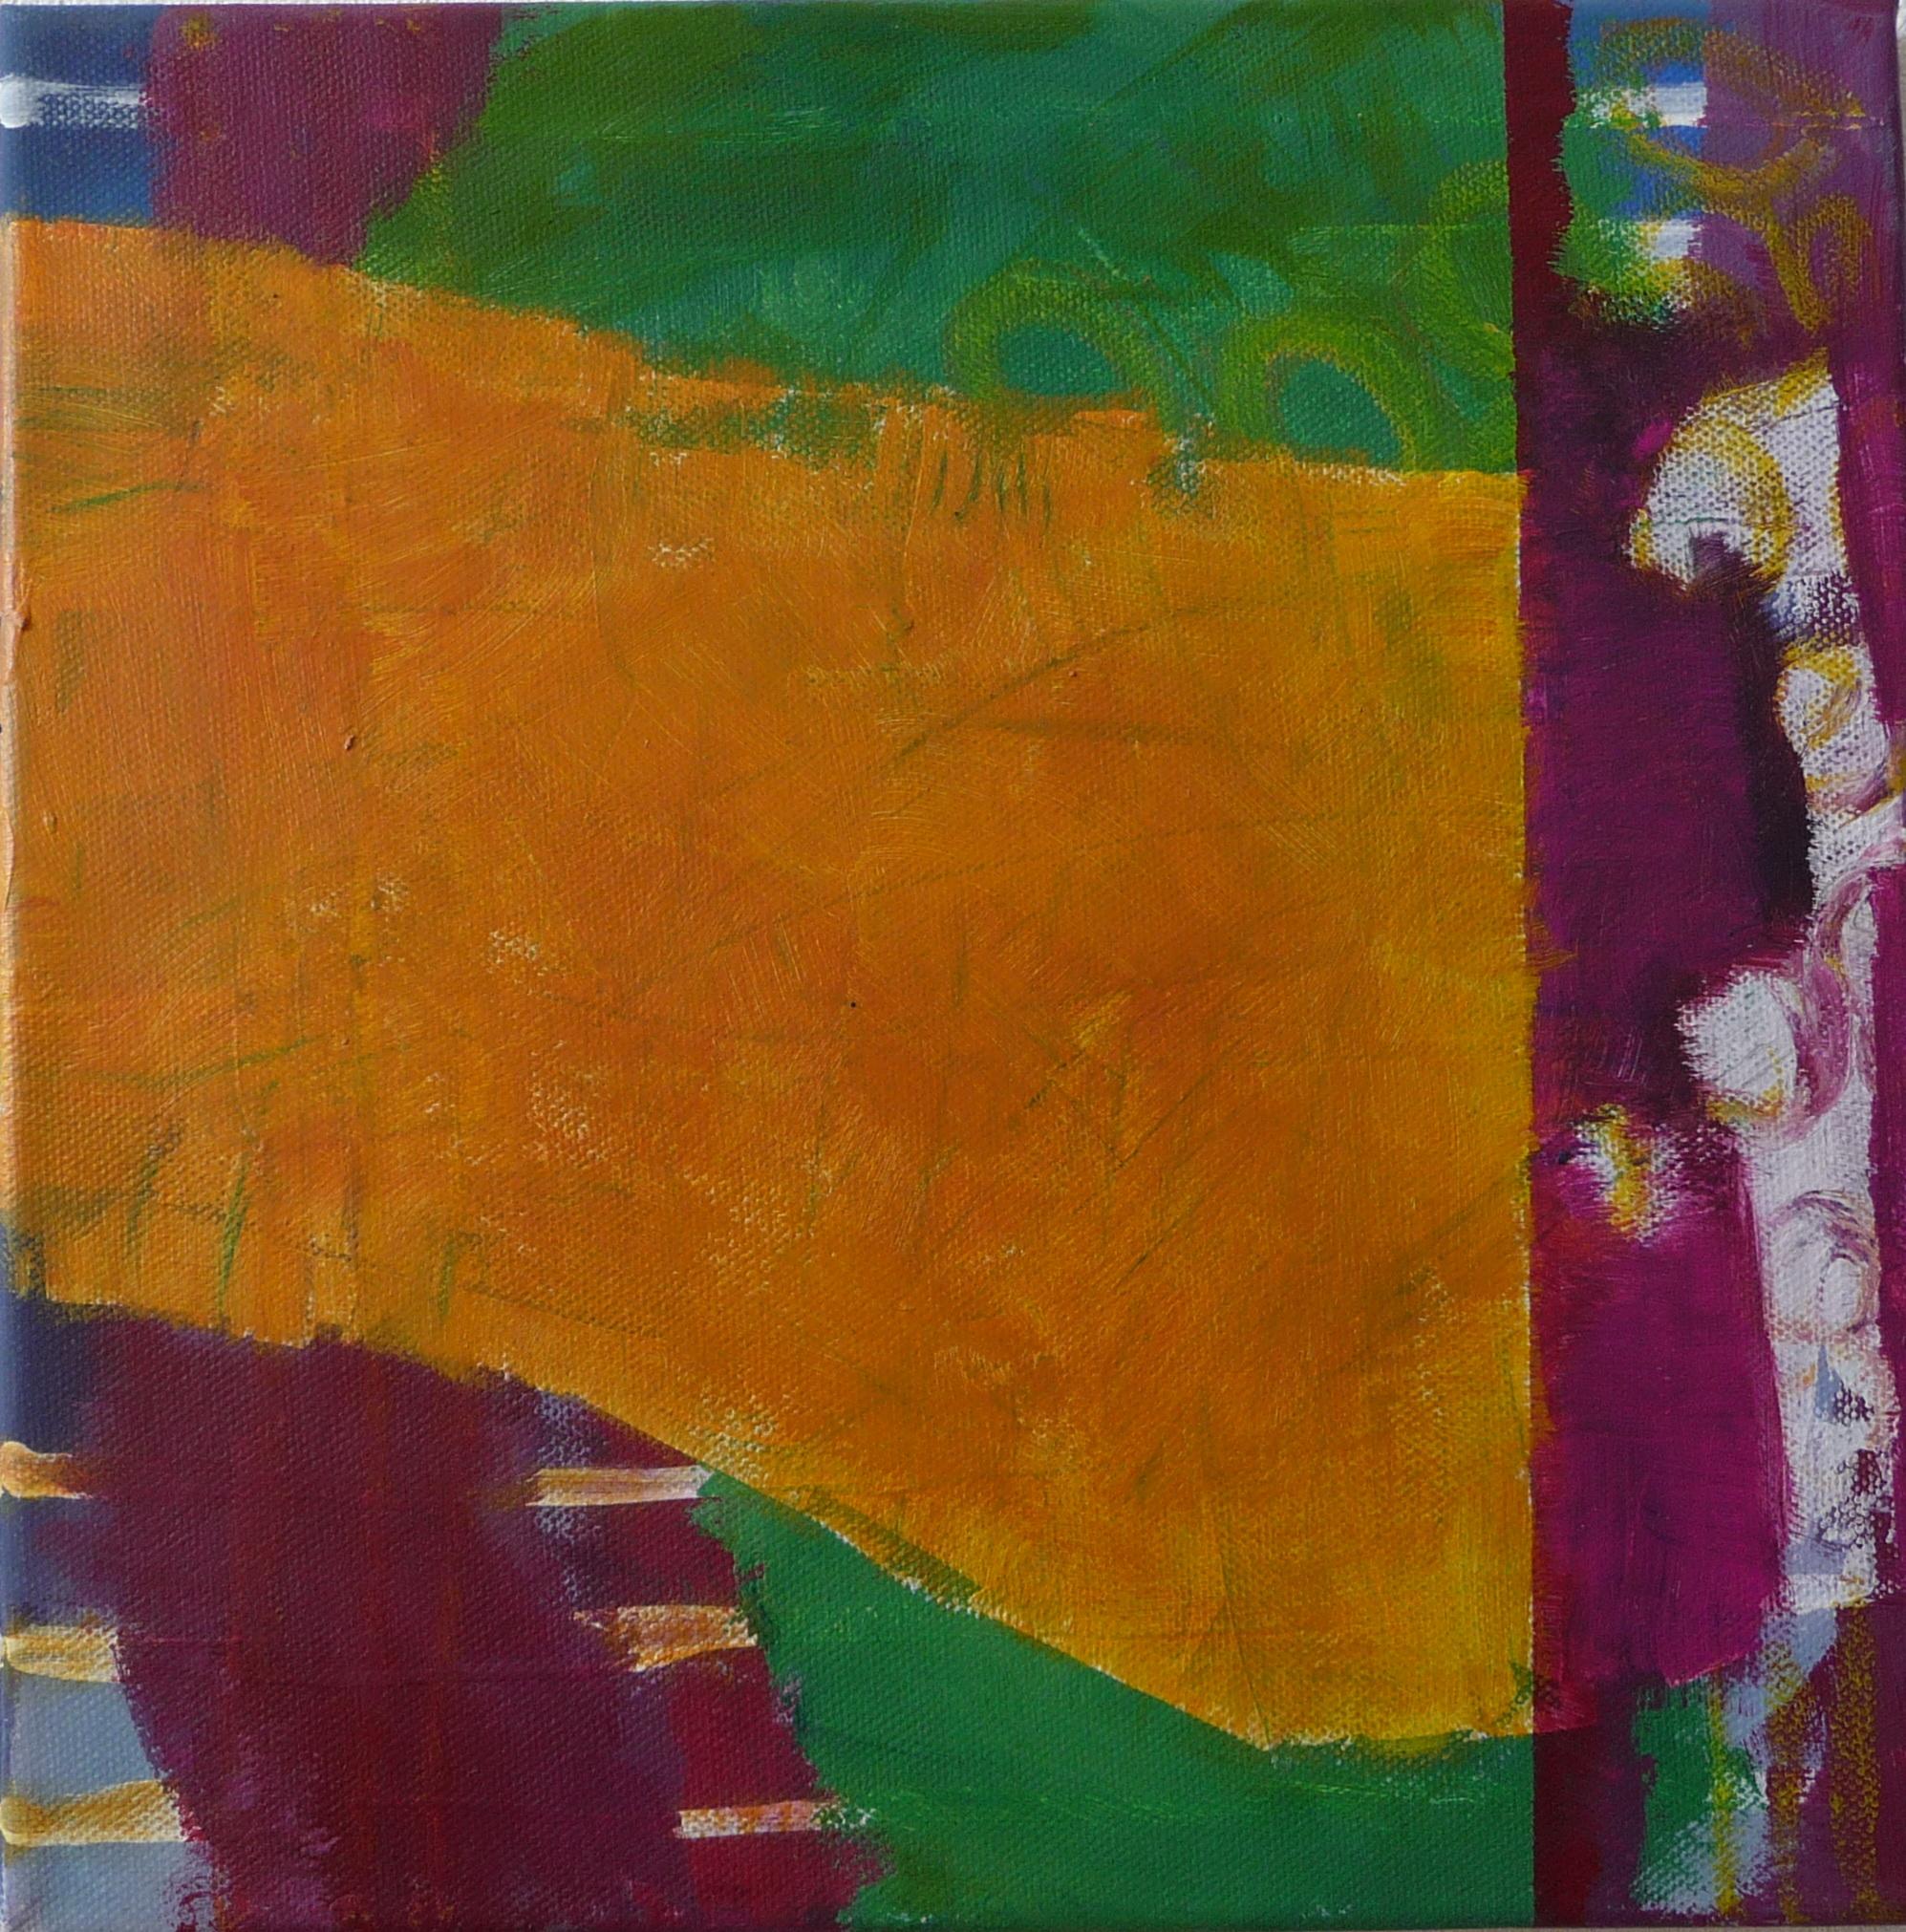 Grün 2, 2010, Leinwand, 30x30